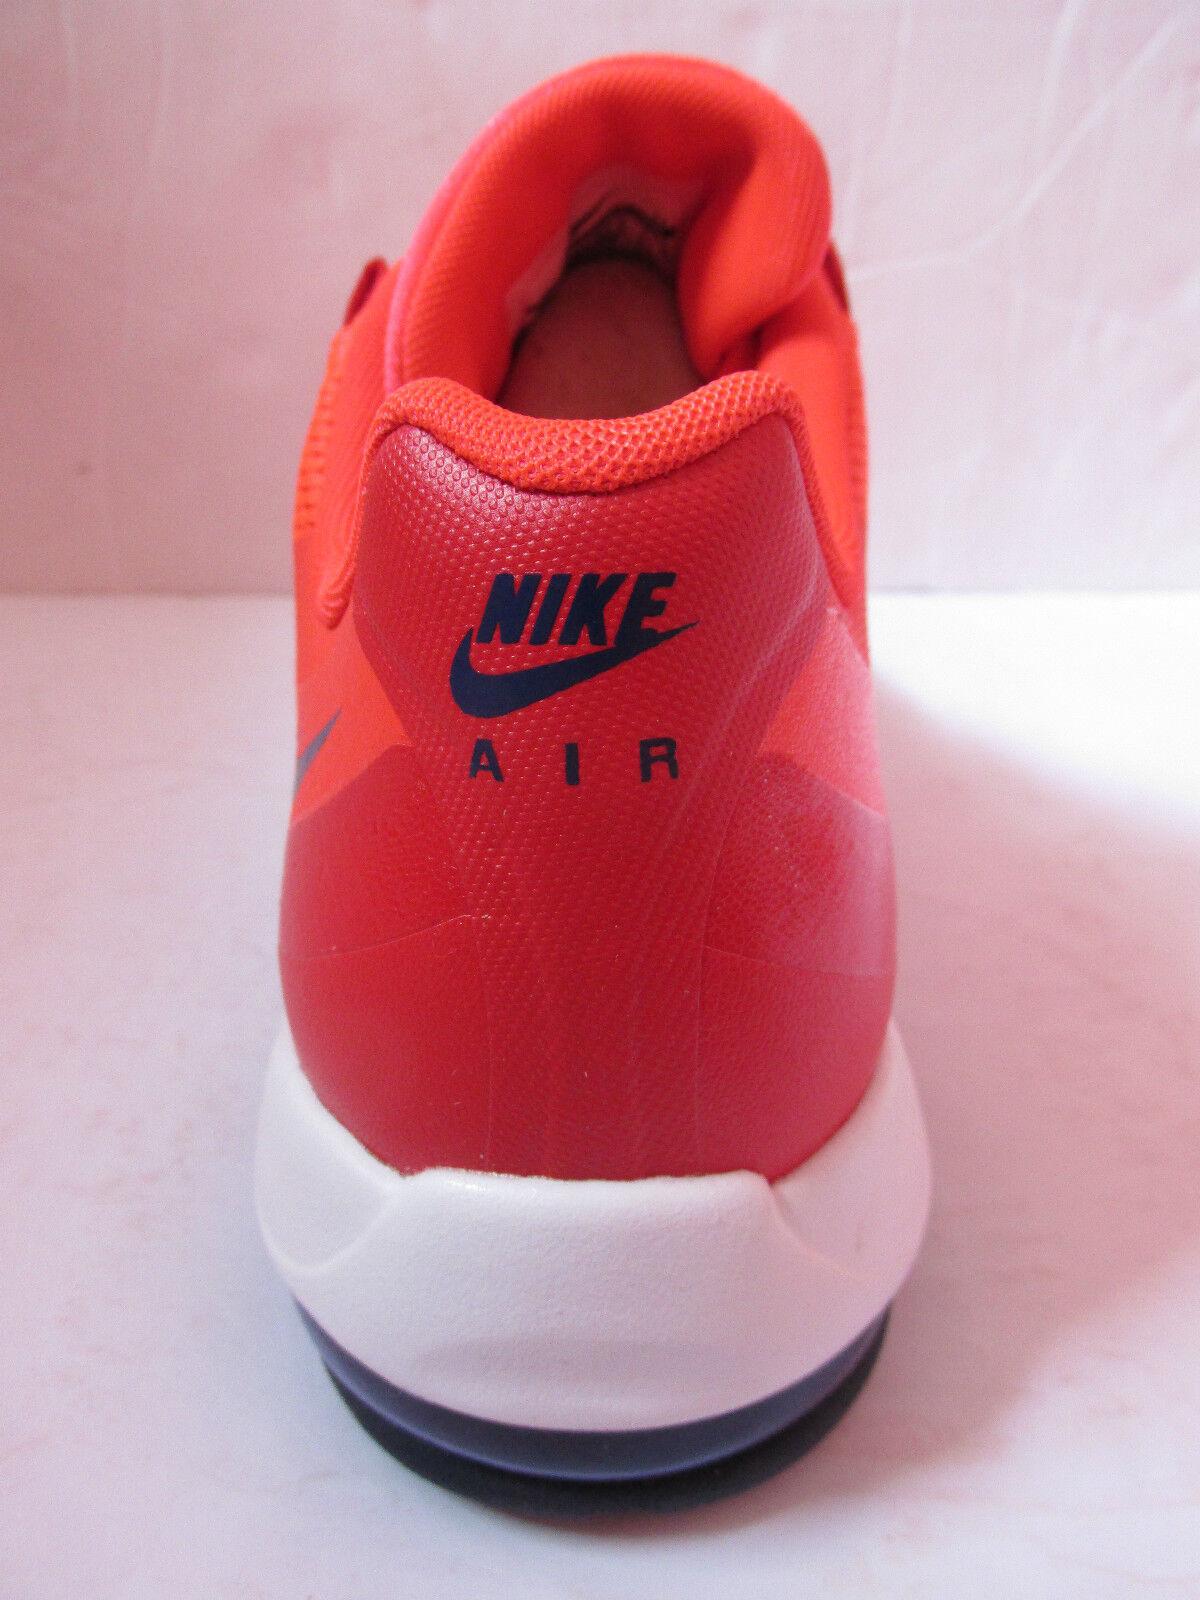 Nike Da Donna Donna Da Air Max 95 ultra in esecuzione Scarpe da ginnastica 749212 600 Scarpe Da Ginnastica Scarpe 112831